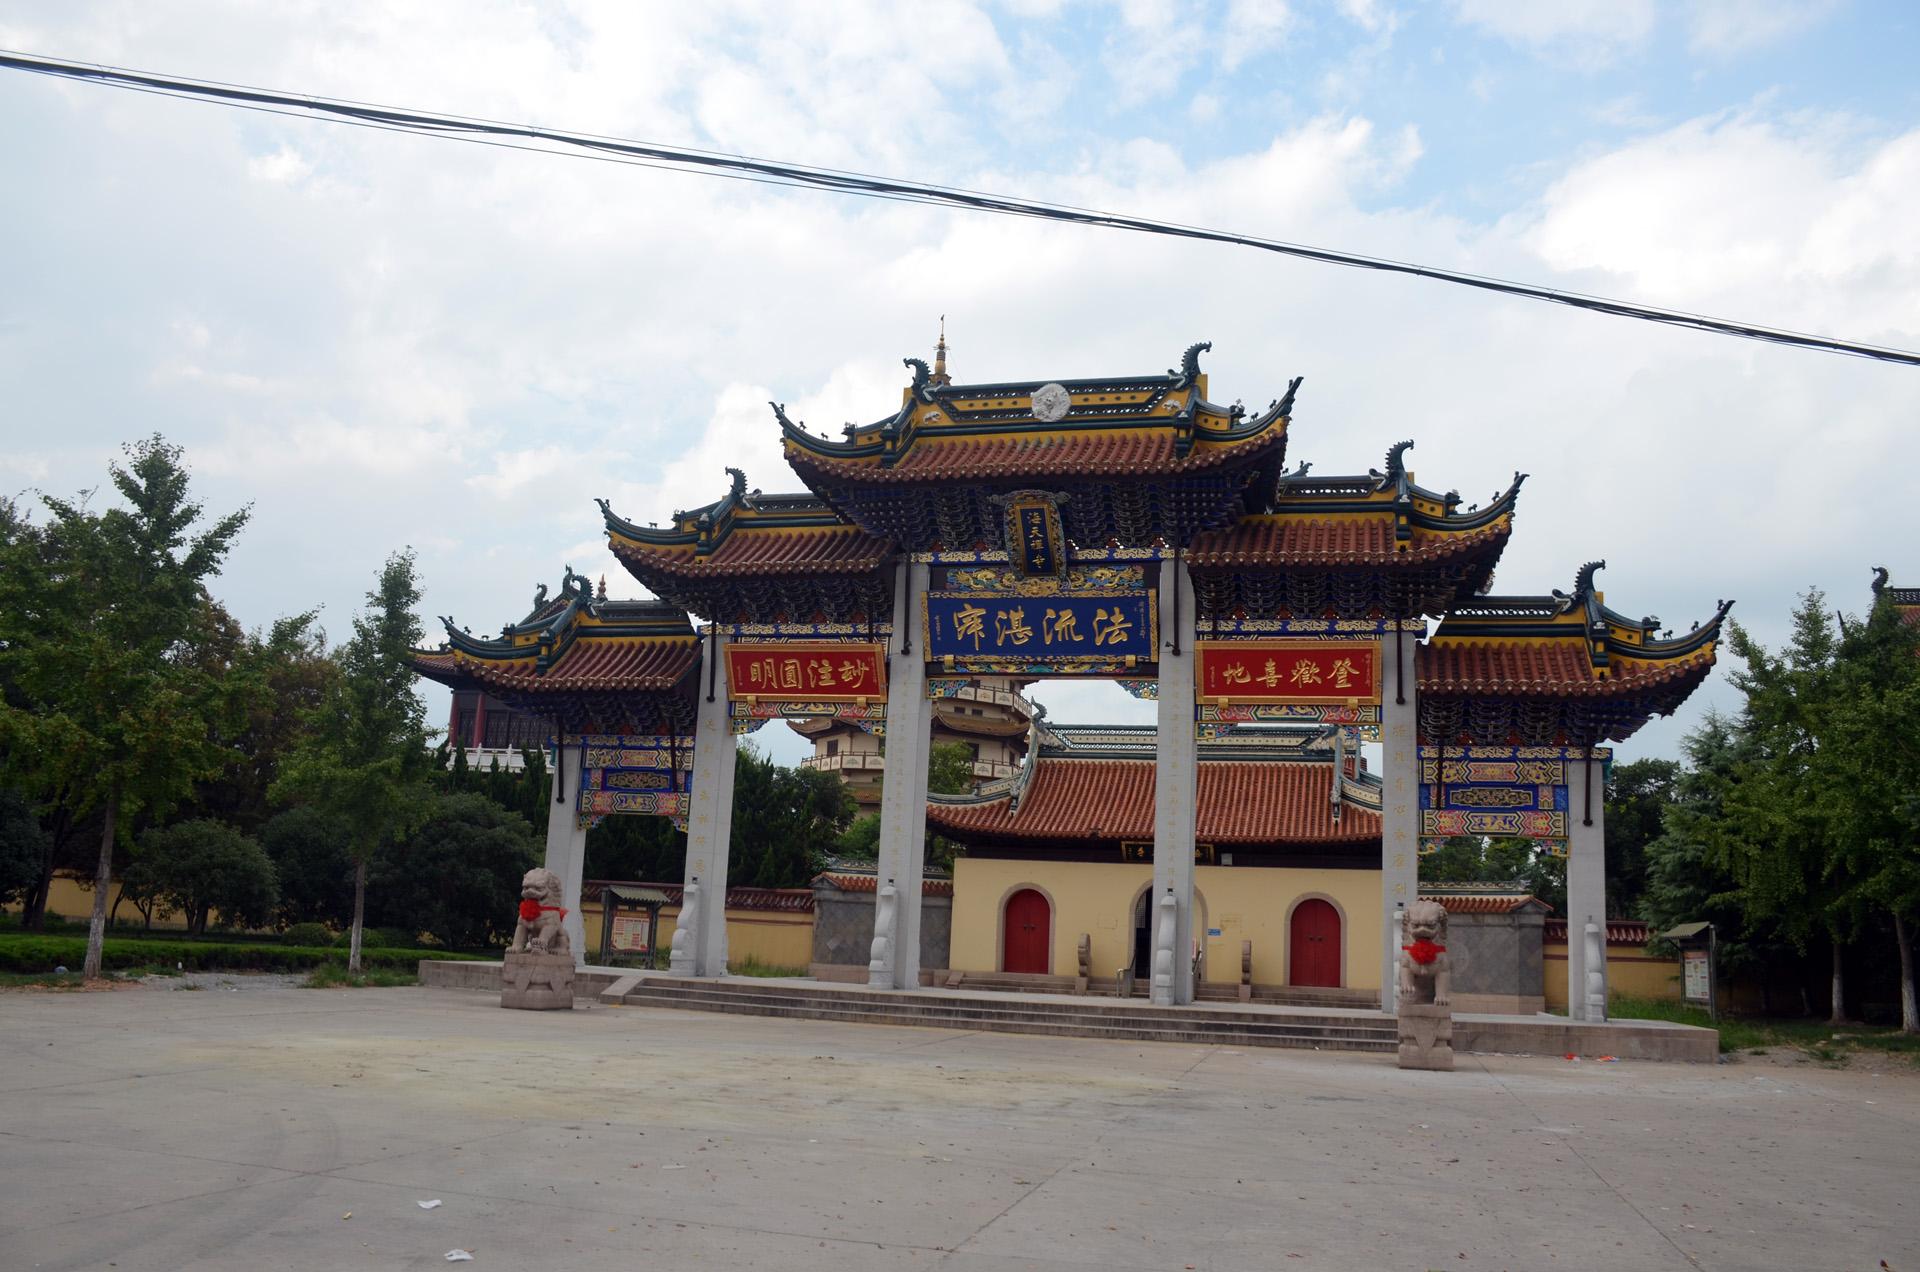 远景多角度太仓海天禅寺红庙的宏伟和江南缥缈正在建设的后殿 这里是太仓 摄影 第30张